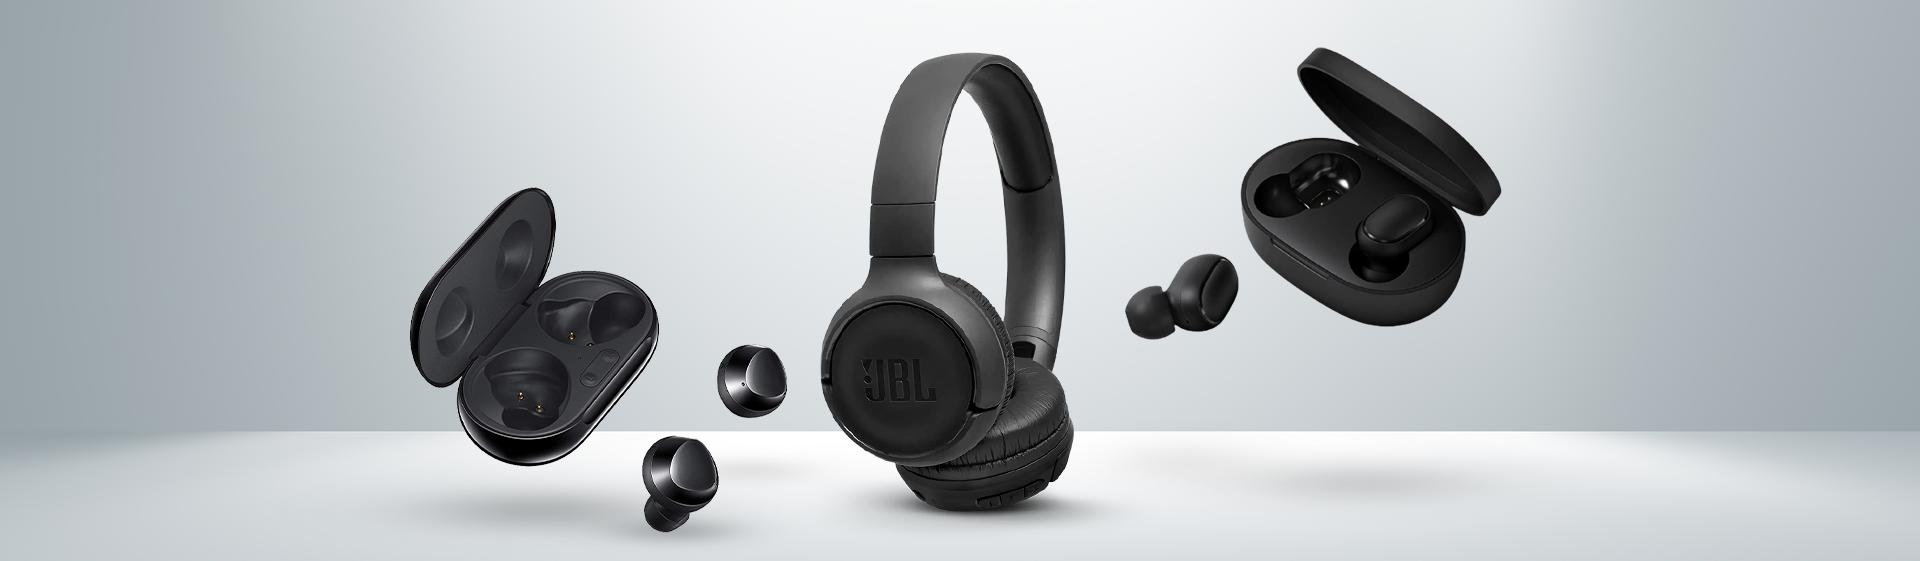 Fones de ouvido mais vendidos: modelos baratos lideram em fevereiro